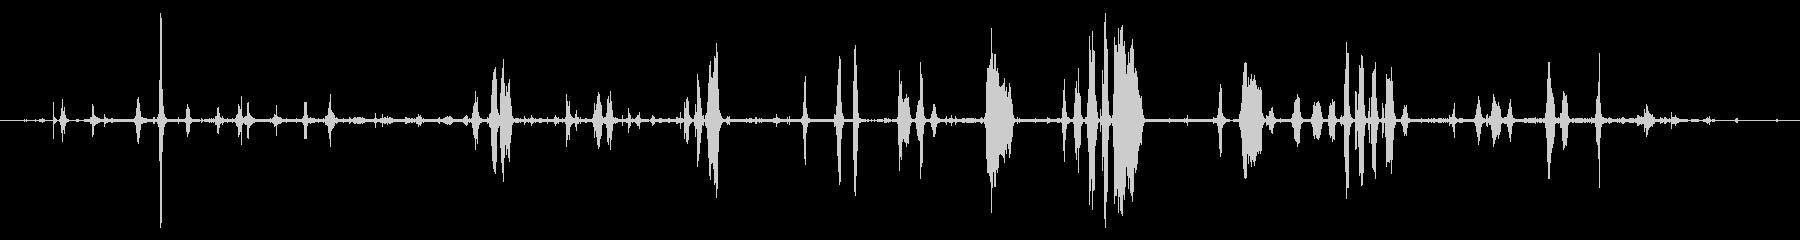 大型のイノシシまたは豚:ヘビークロ...の未再生の波形